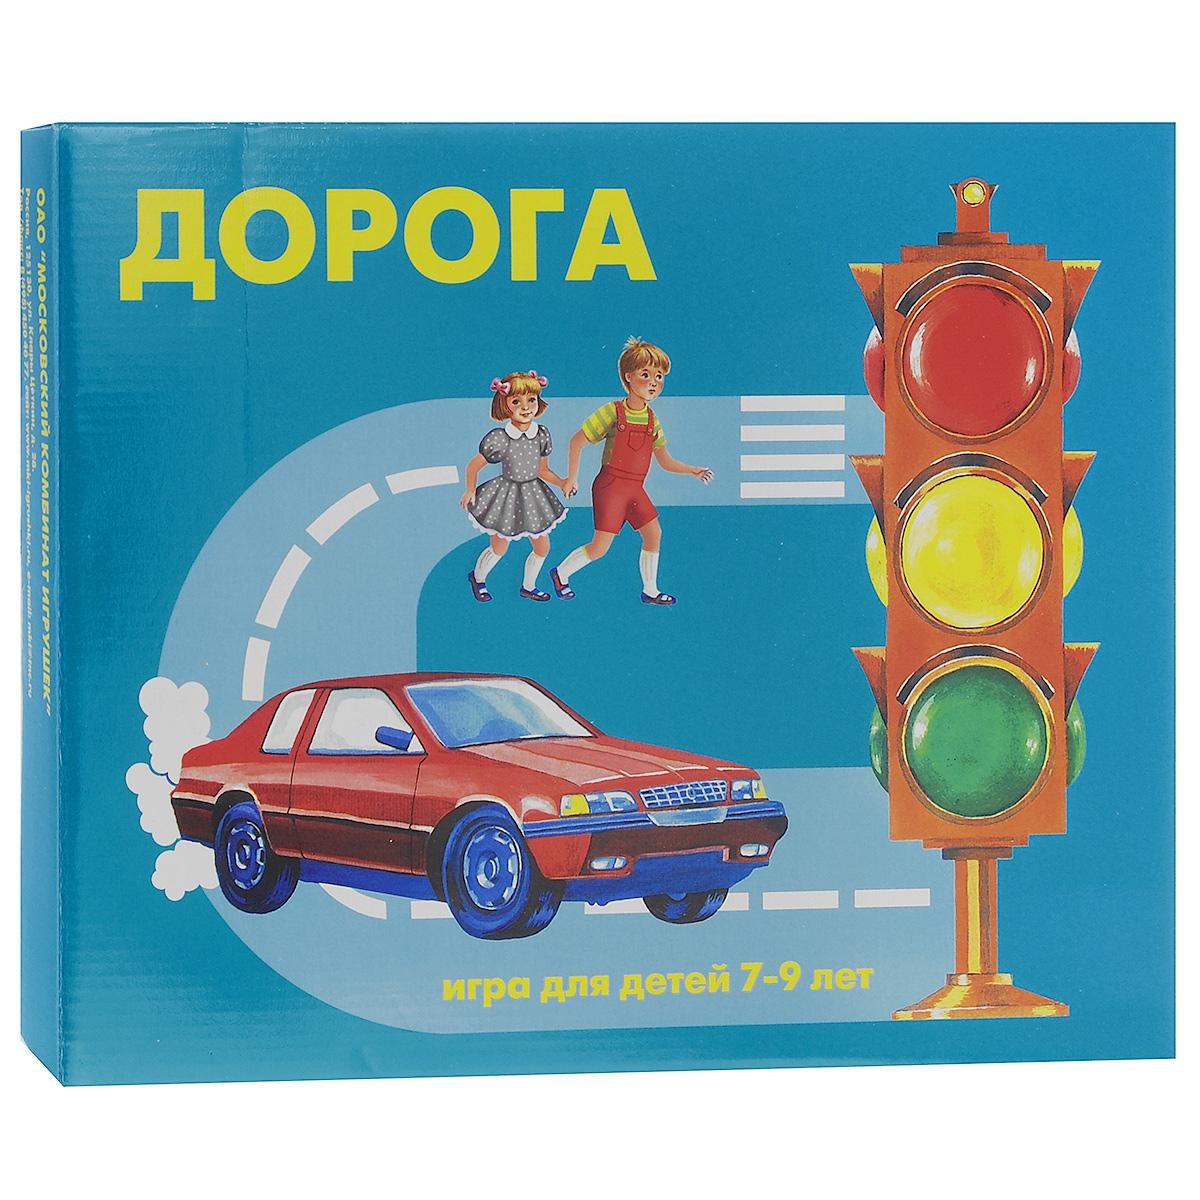 Развивающая игра Дорога, 7-9 лет4600007050976Развивающая игра Дорога предназначена для групповых и индивидуальных занятий с детьми 7-9 лет. Игра в ненавязчивой игровой форме помогает выработать алгоритм безопасного поведения и привить им привычку осторожного поведения на дороге, сняв, в то же время, излишний страх перед дорогой и транспортом. Может быть использована не только для проведения досуга, но и для подготовки к изучению предмета «Основы безопасности жизнедеятельности» по теме «Безопасность на улицах и дорогах». В комплект игры входят: игровое поле; 4 фишки разного цвета; кубик; правила игры; методическое пособие для педагогов и родителей.